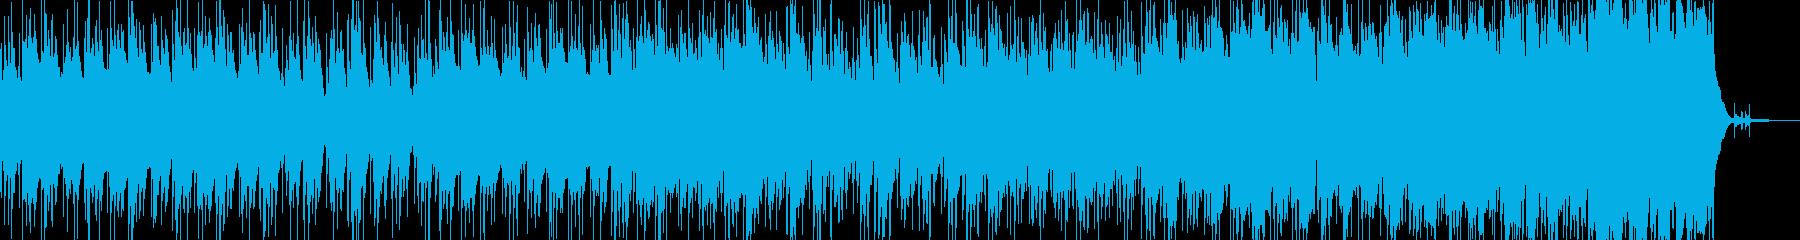 神秘的な森をイメージした静かな曲の再生済みの波形